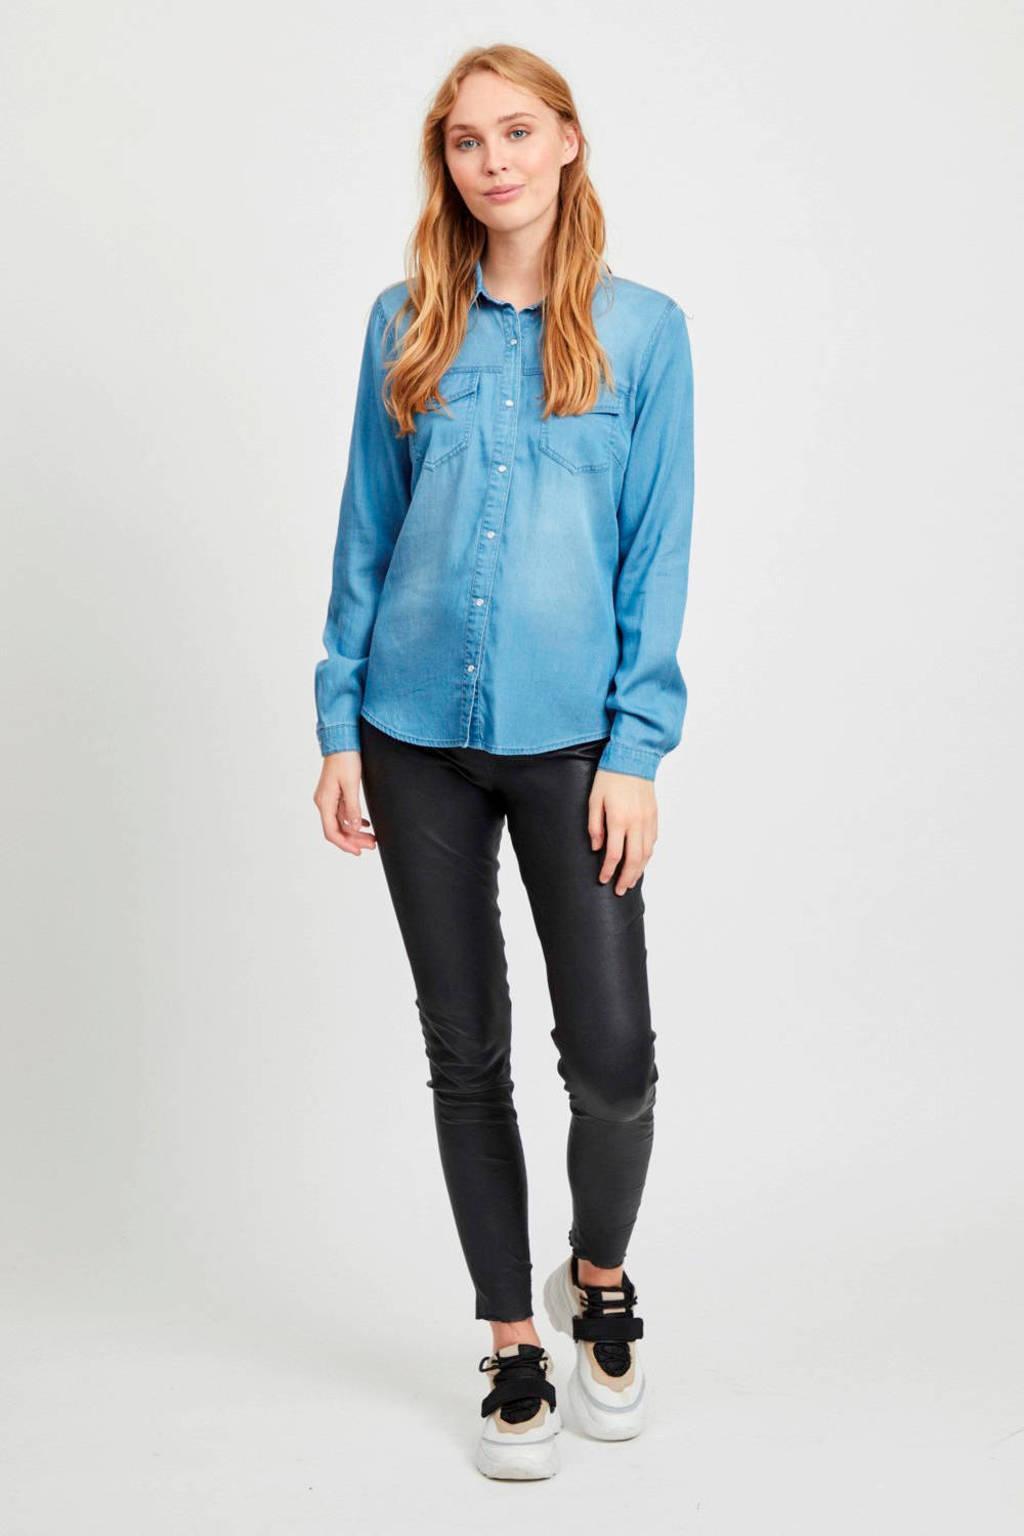 VILA spijkerblouse VIBISTA medium blue denim, Lichtblauw